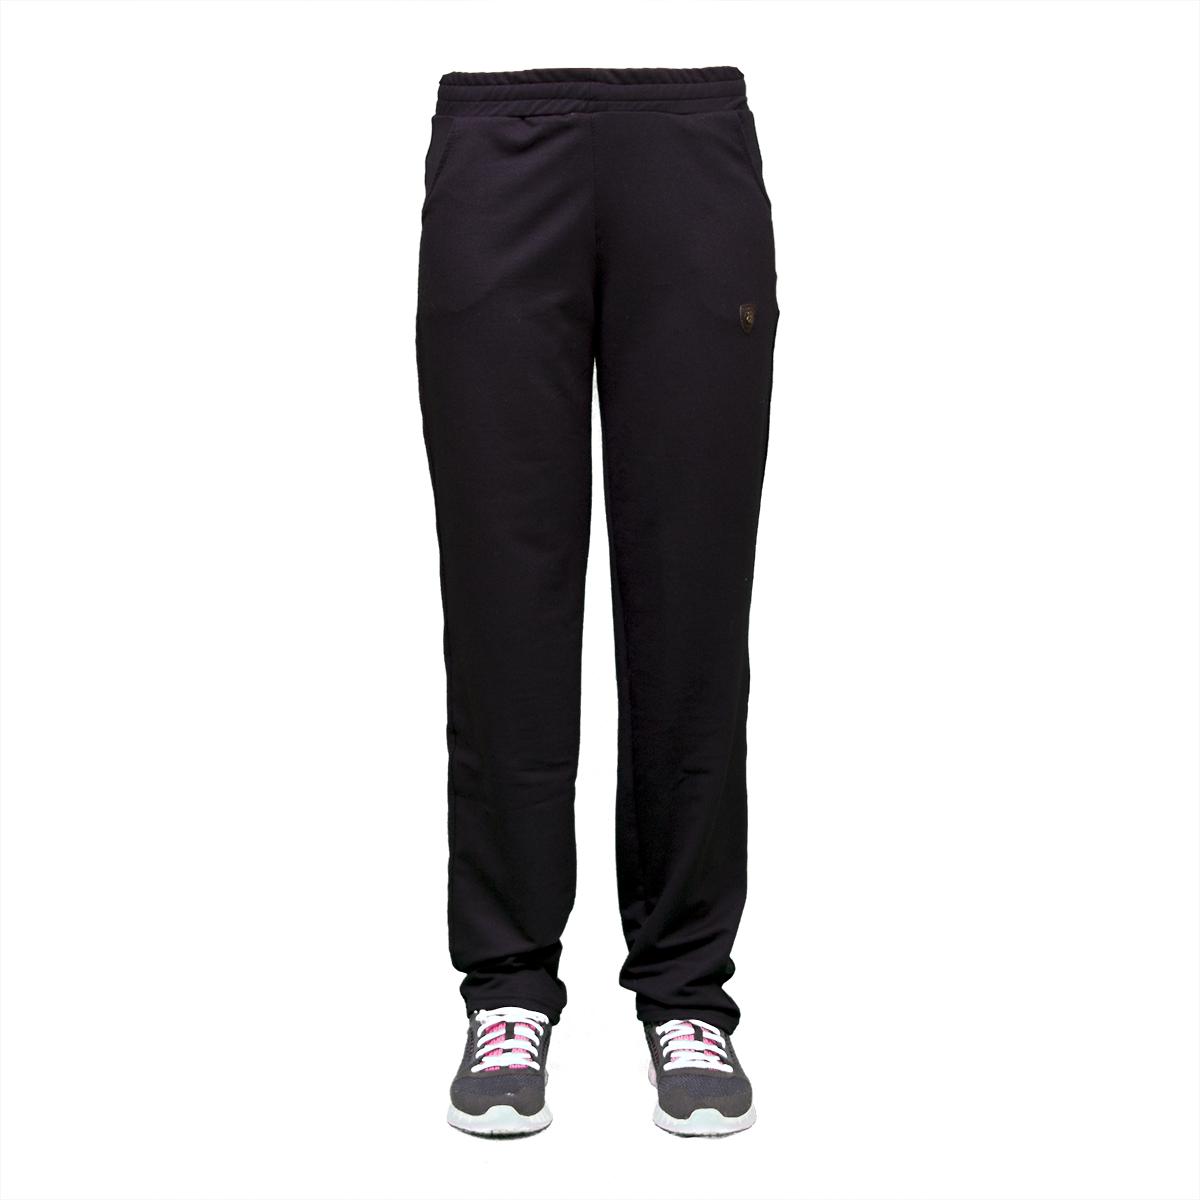 1eaa4287 Спортивные брюки женские модные больших размеров пр-во Украина 2527G ...